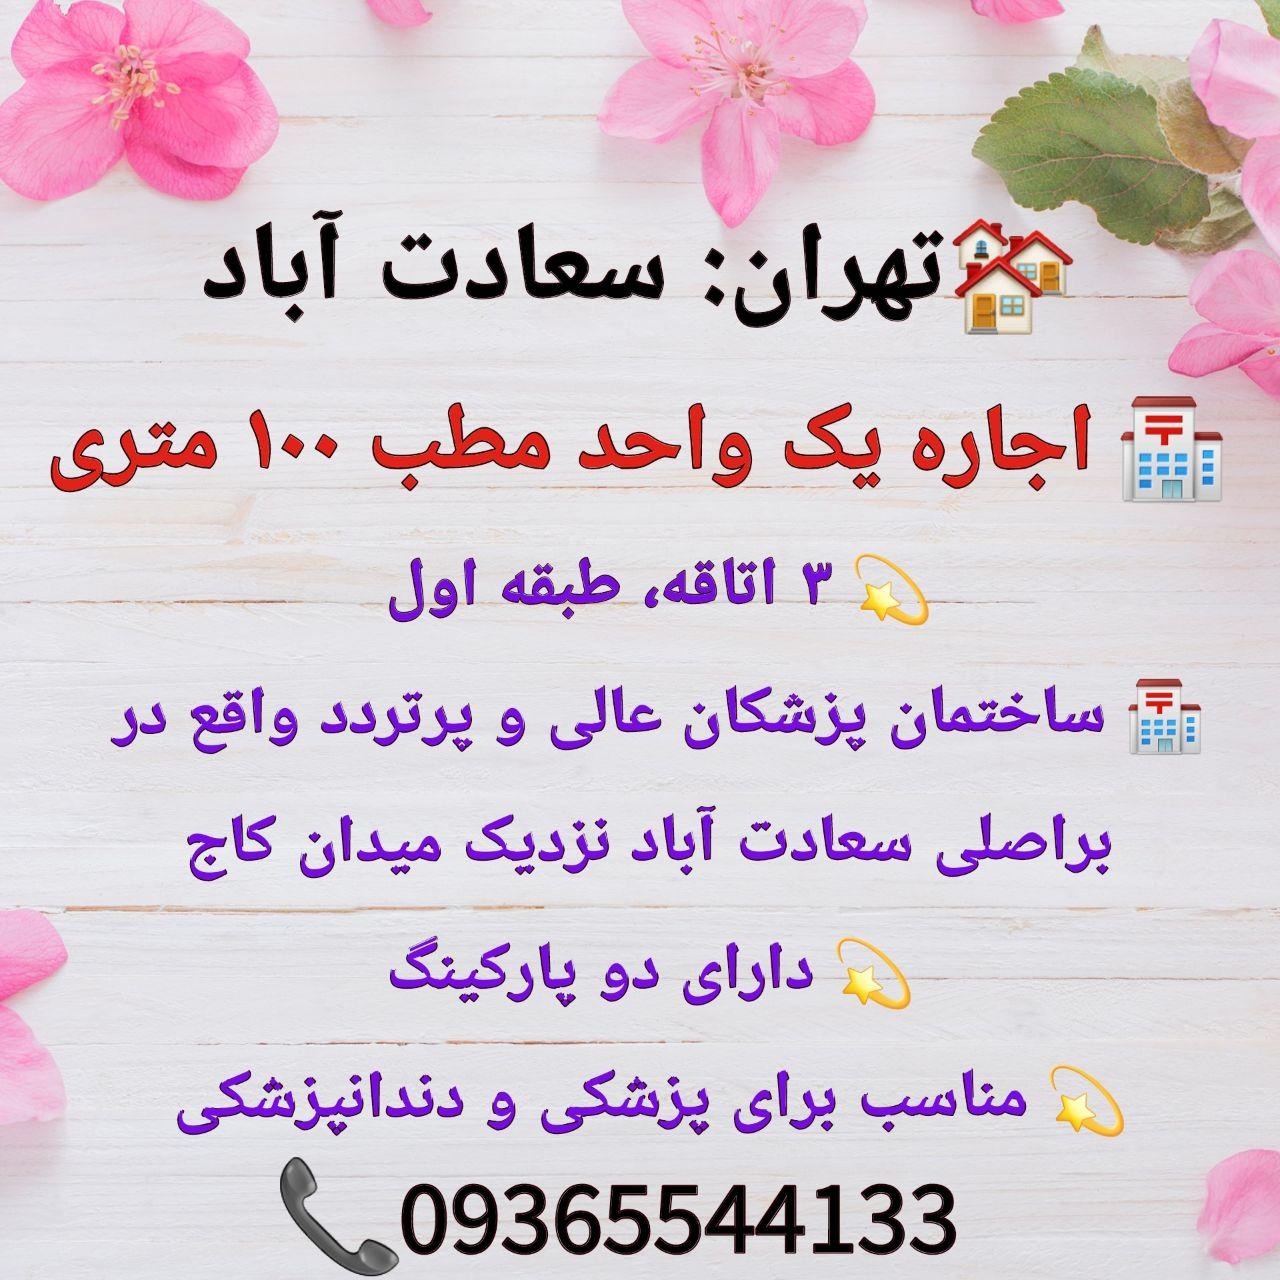 تهران: سعادت آباد، اجاره یک واحد مطب ۱۰۰ متری